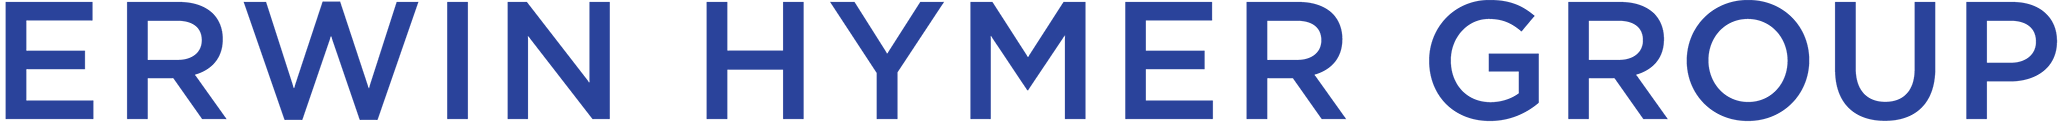 Erwin_Hymer_Group_logo